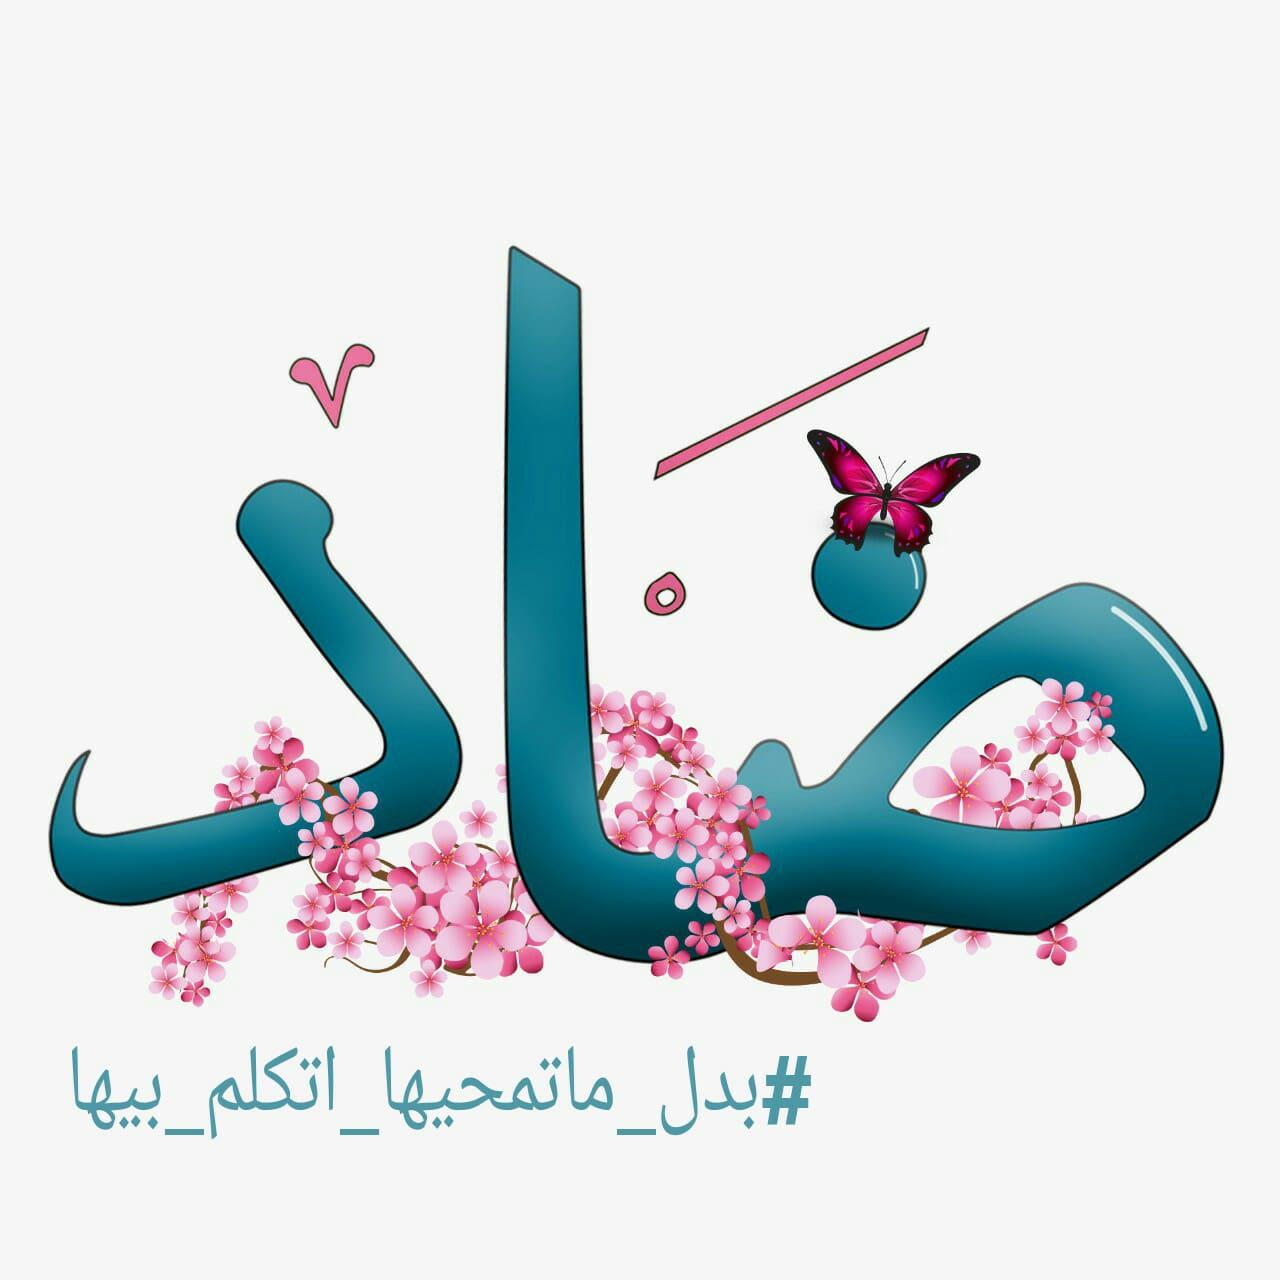 طلاب إعلام جامعة عين شمس يطلقون حملة بعنوان ..